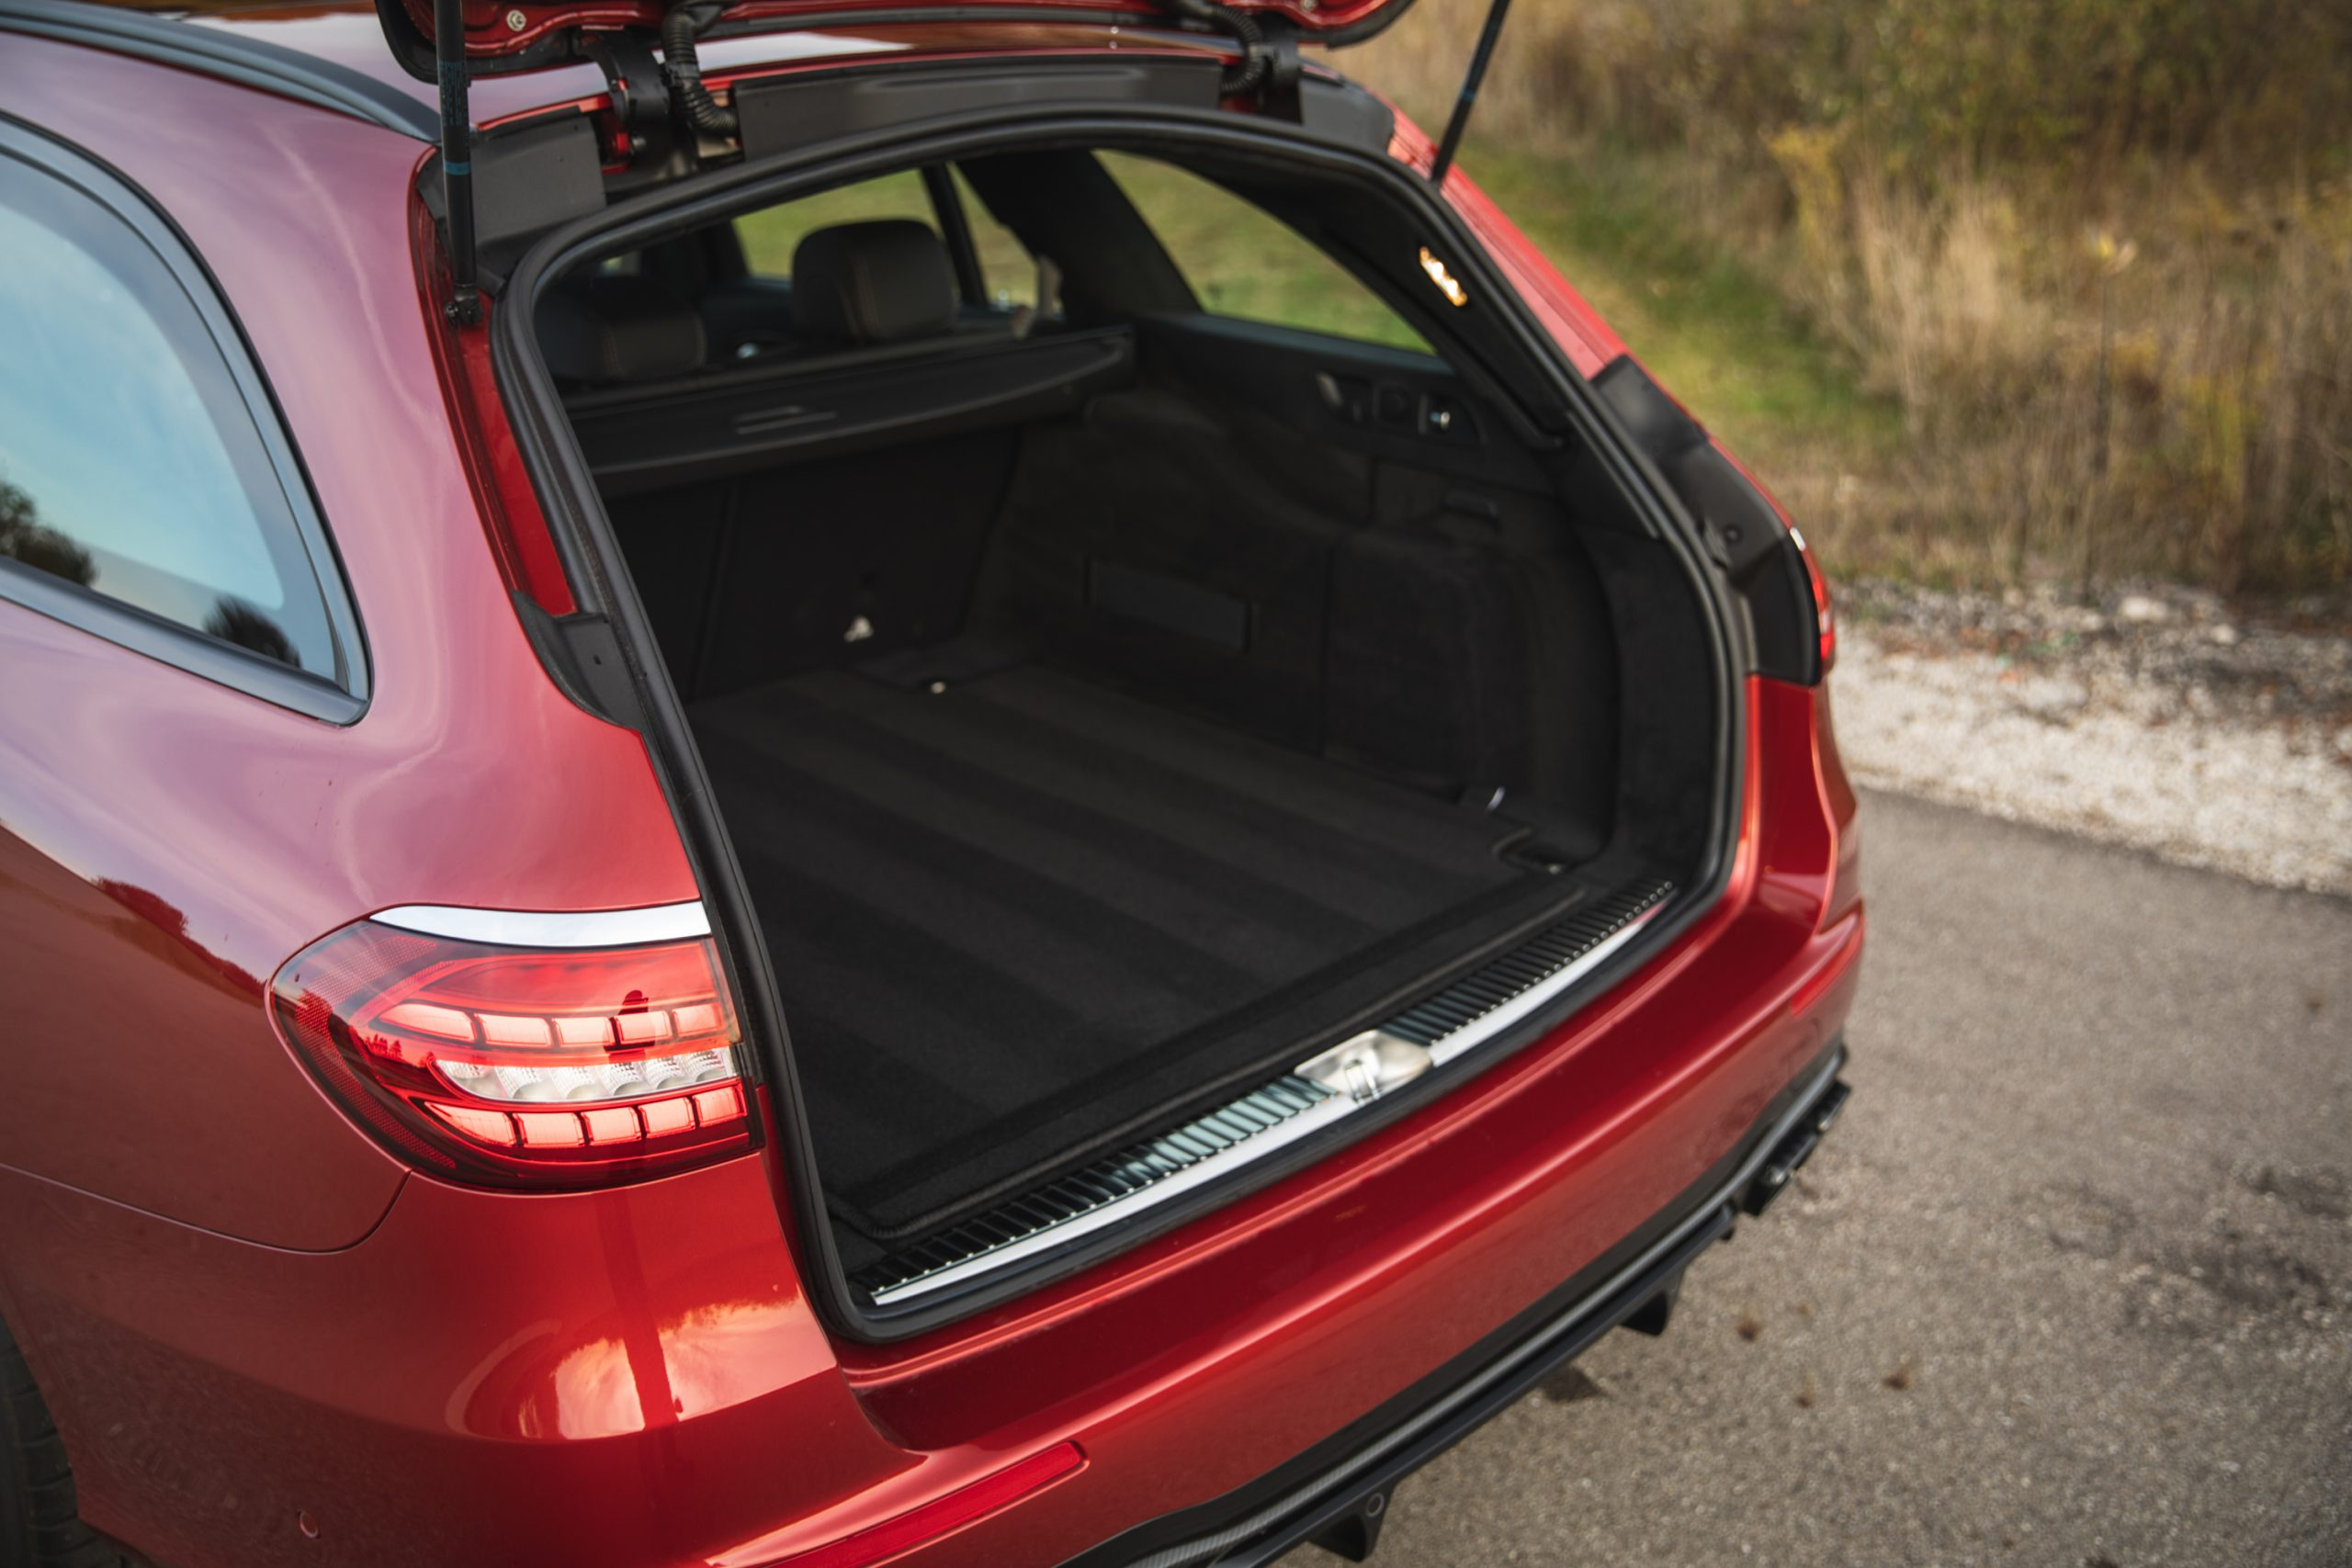 2021 Mercedes-AMG E63 S wagon rear cargo space